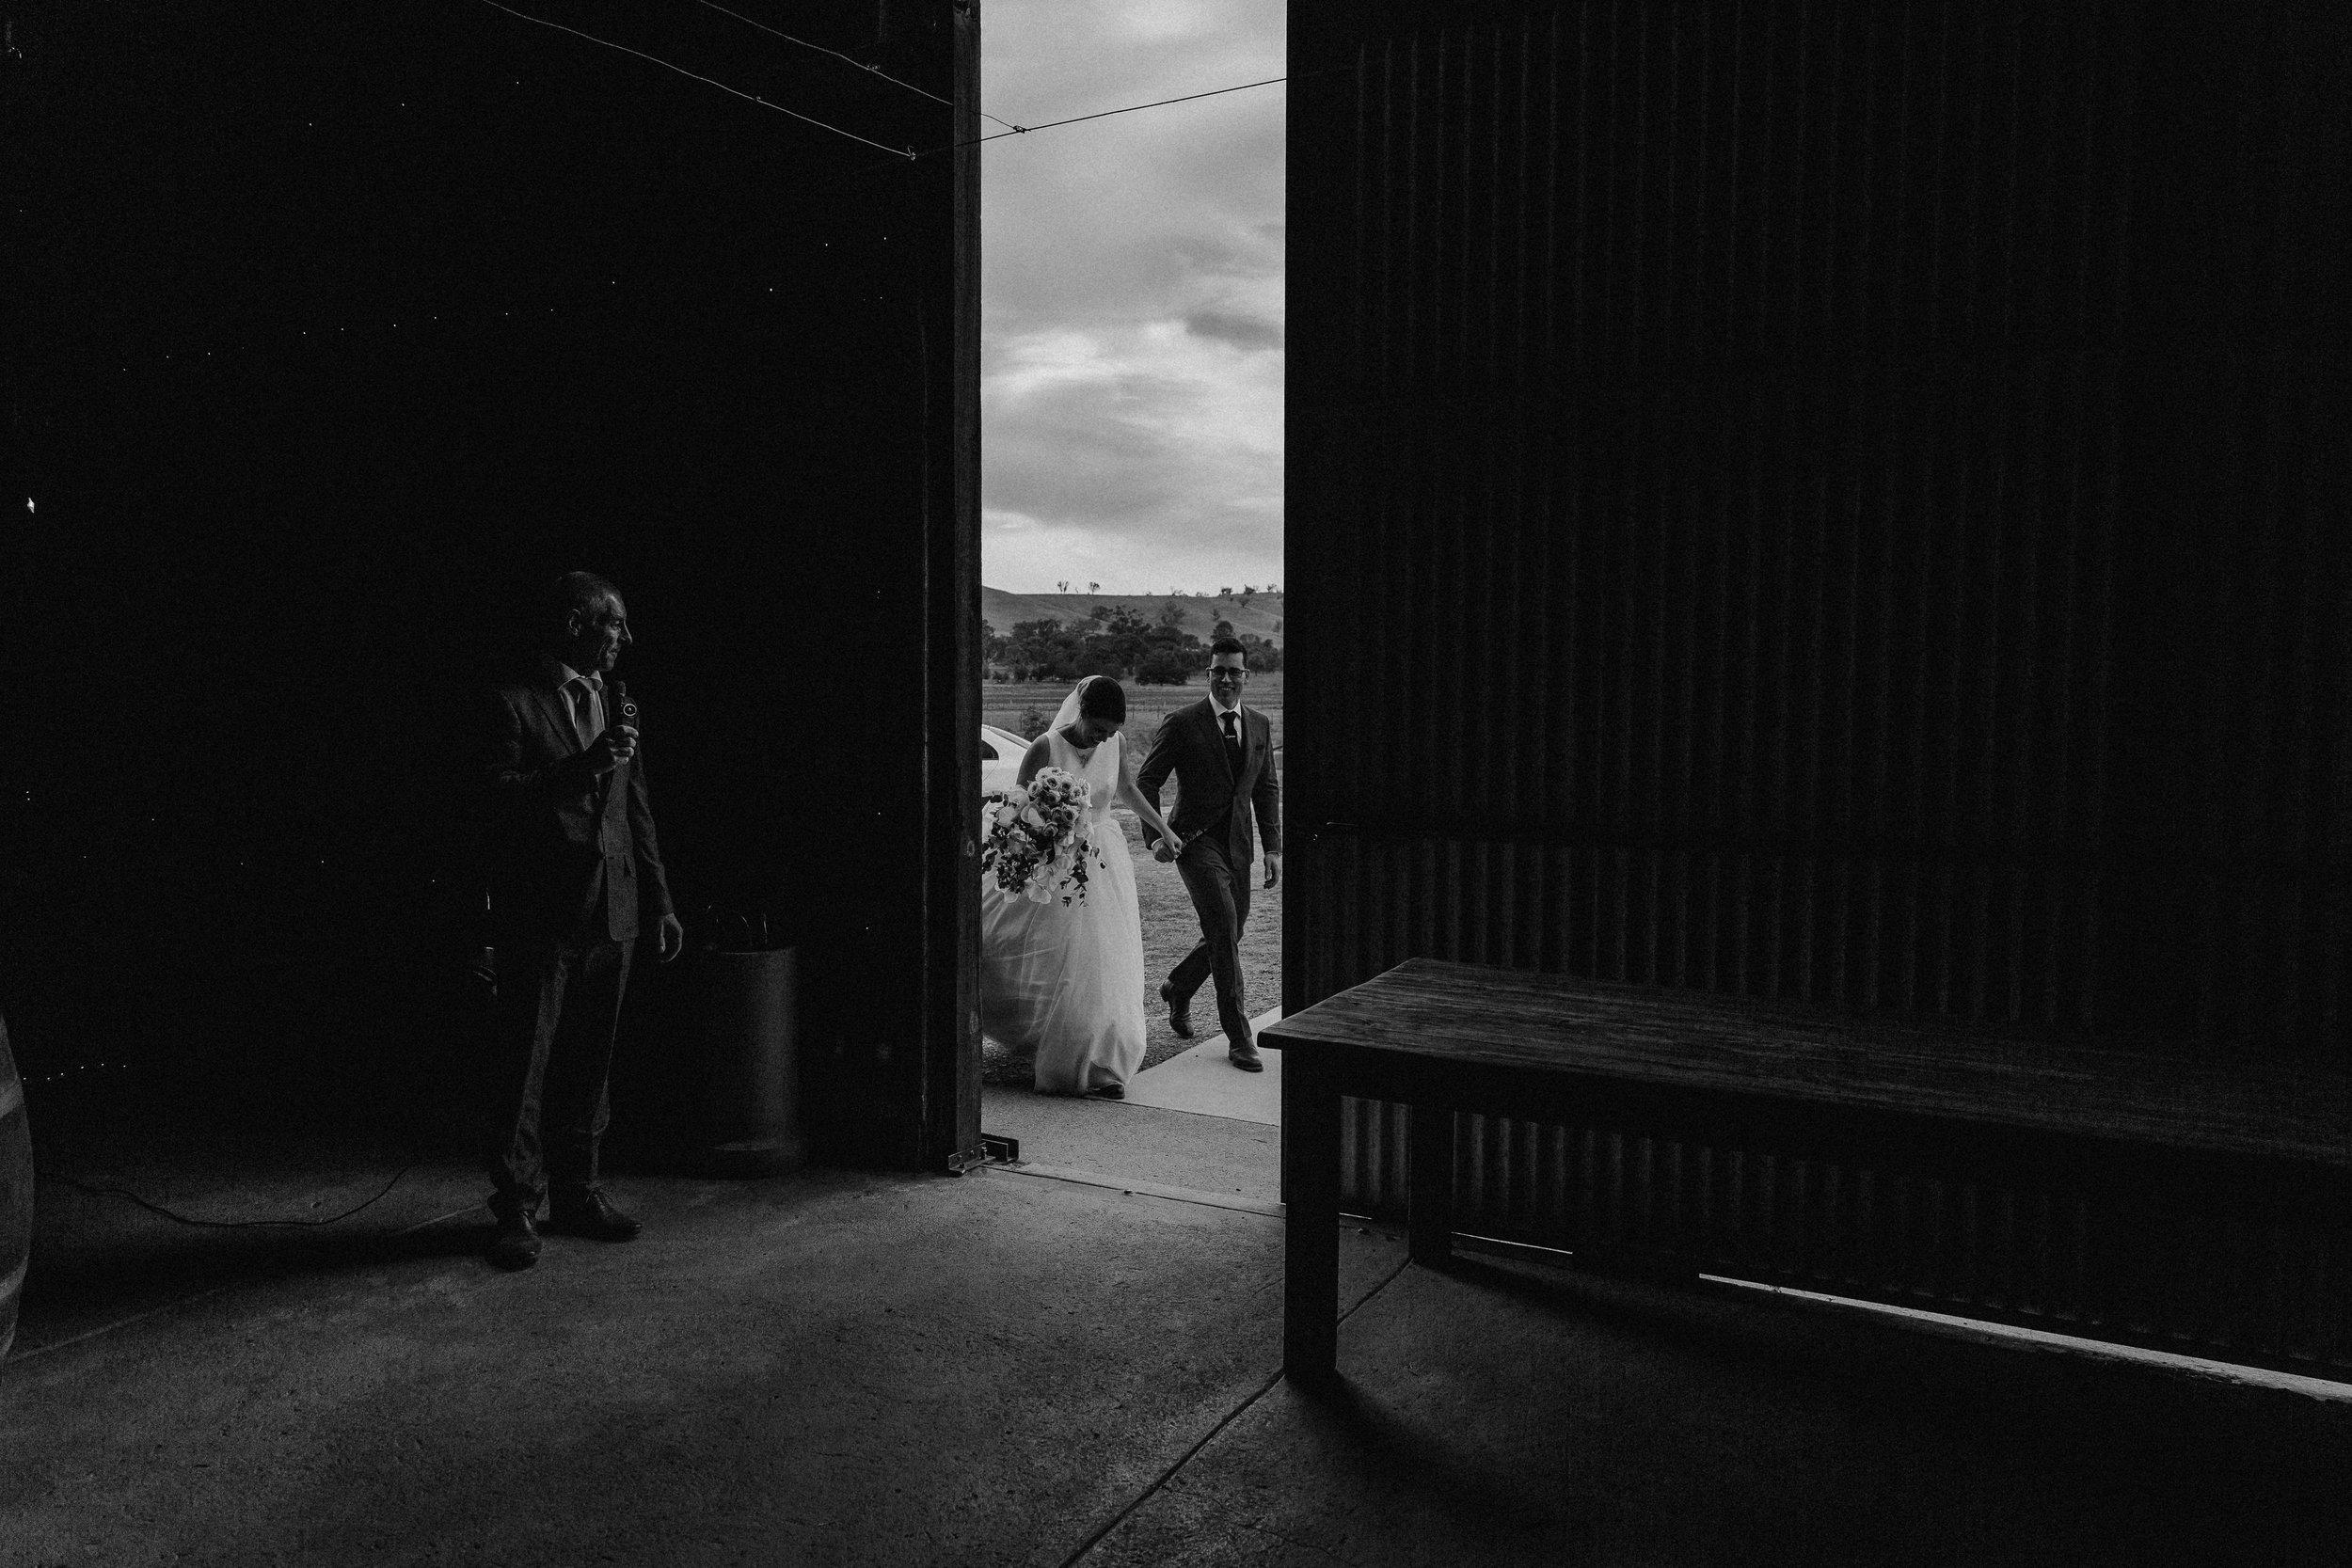 Lachlan-Jordan-Photography-7320-2.jpg